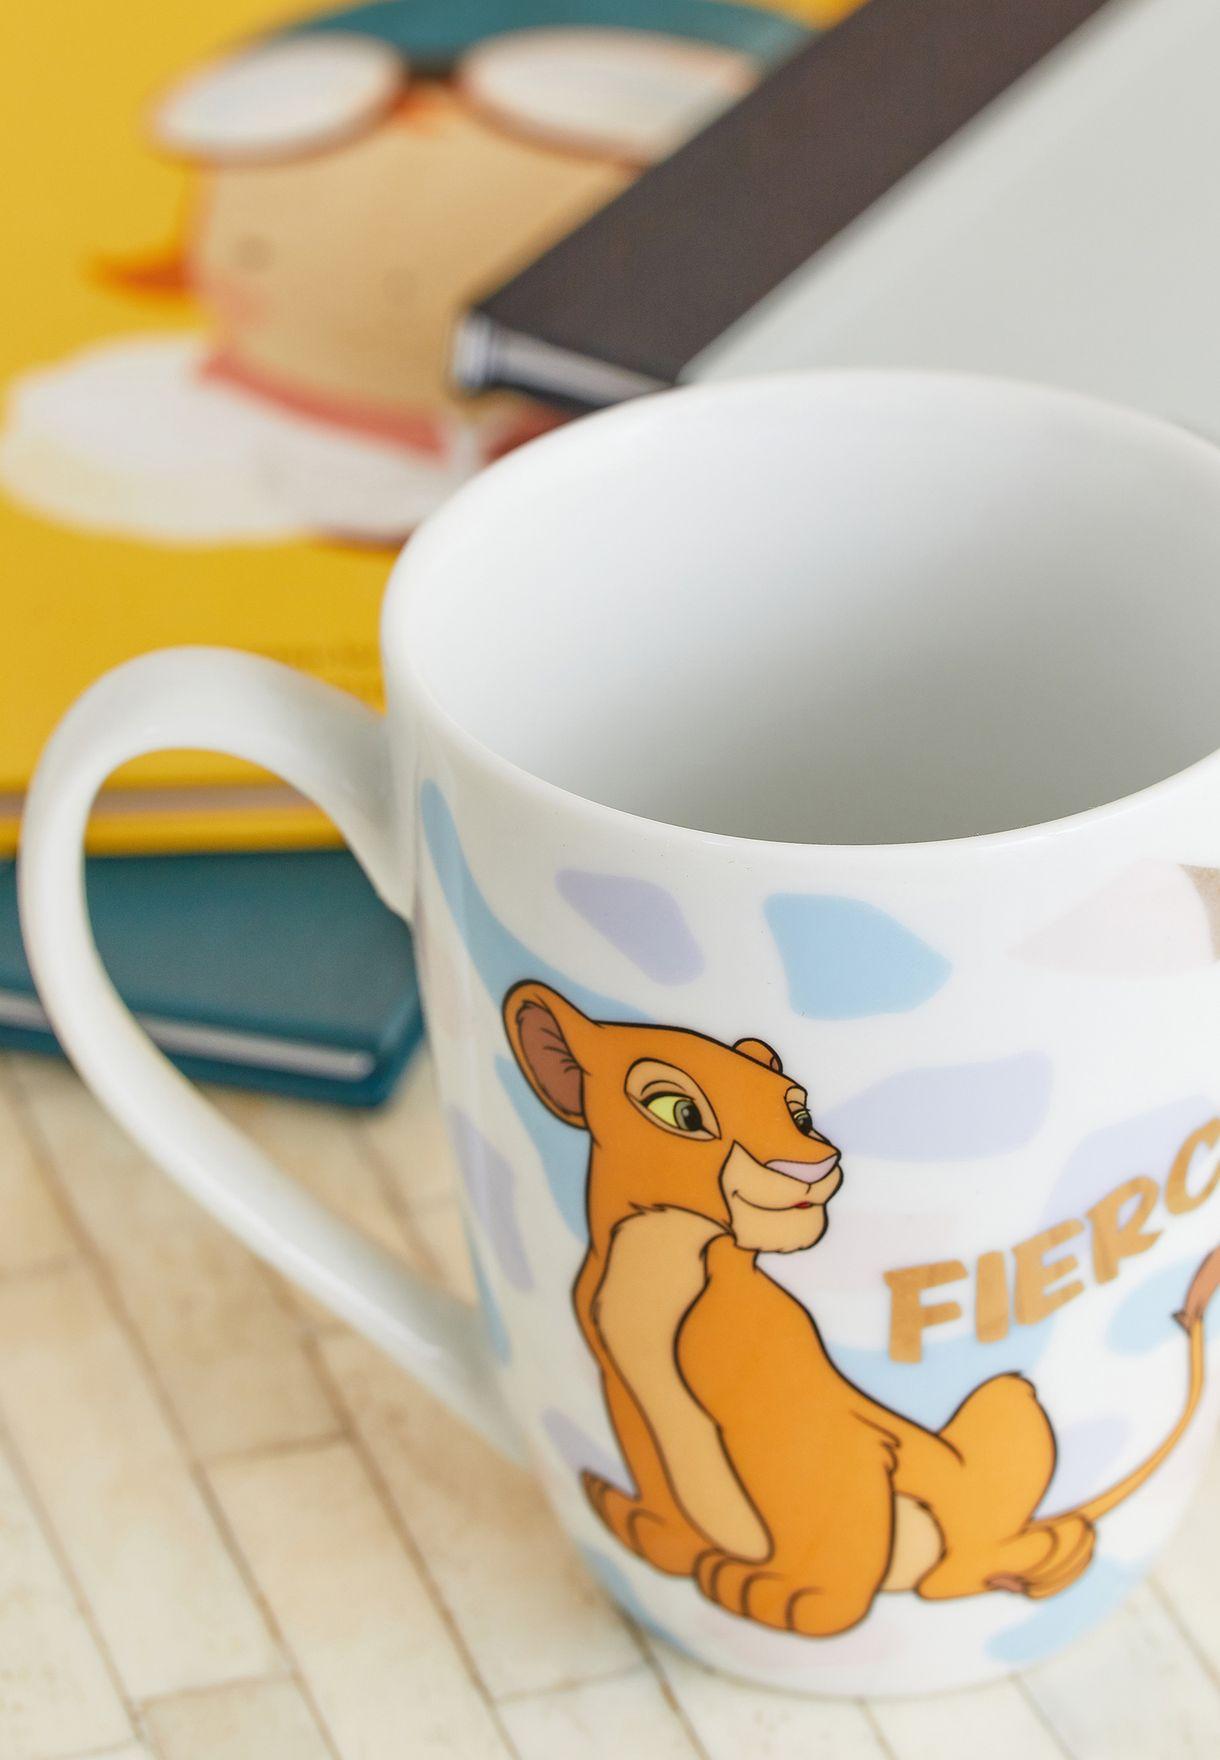 Nala Lion King Mug